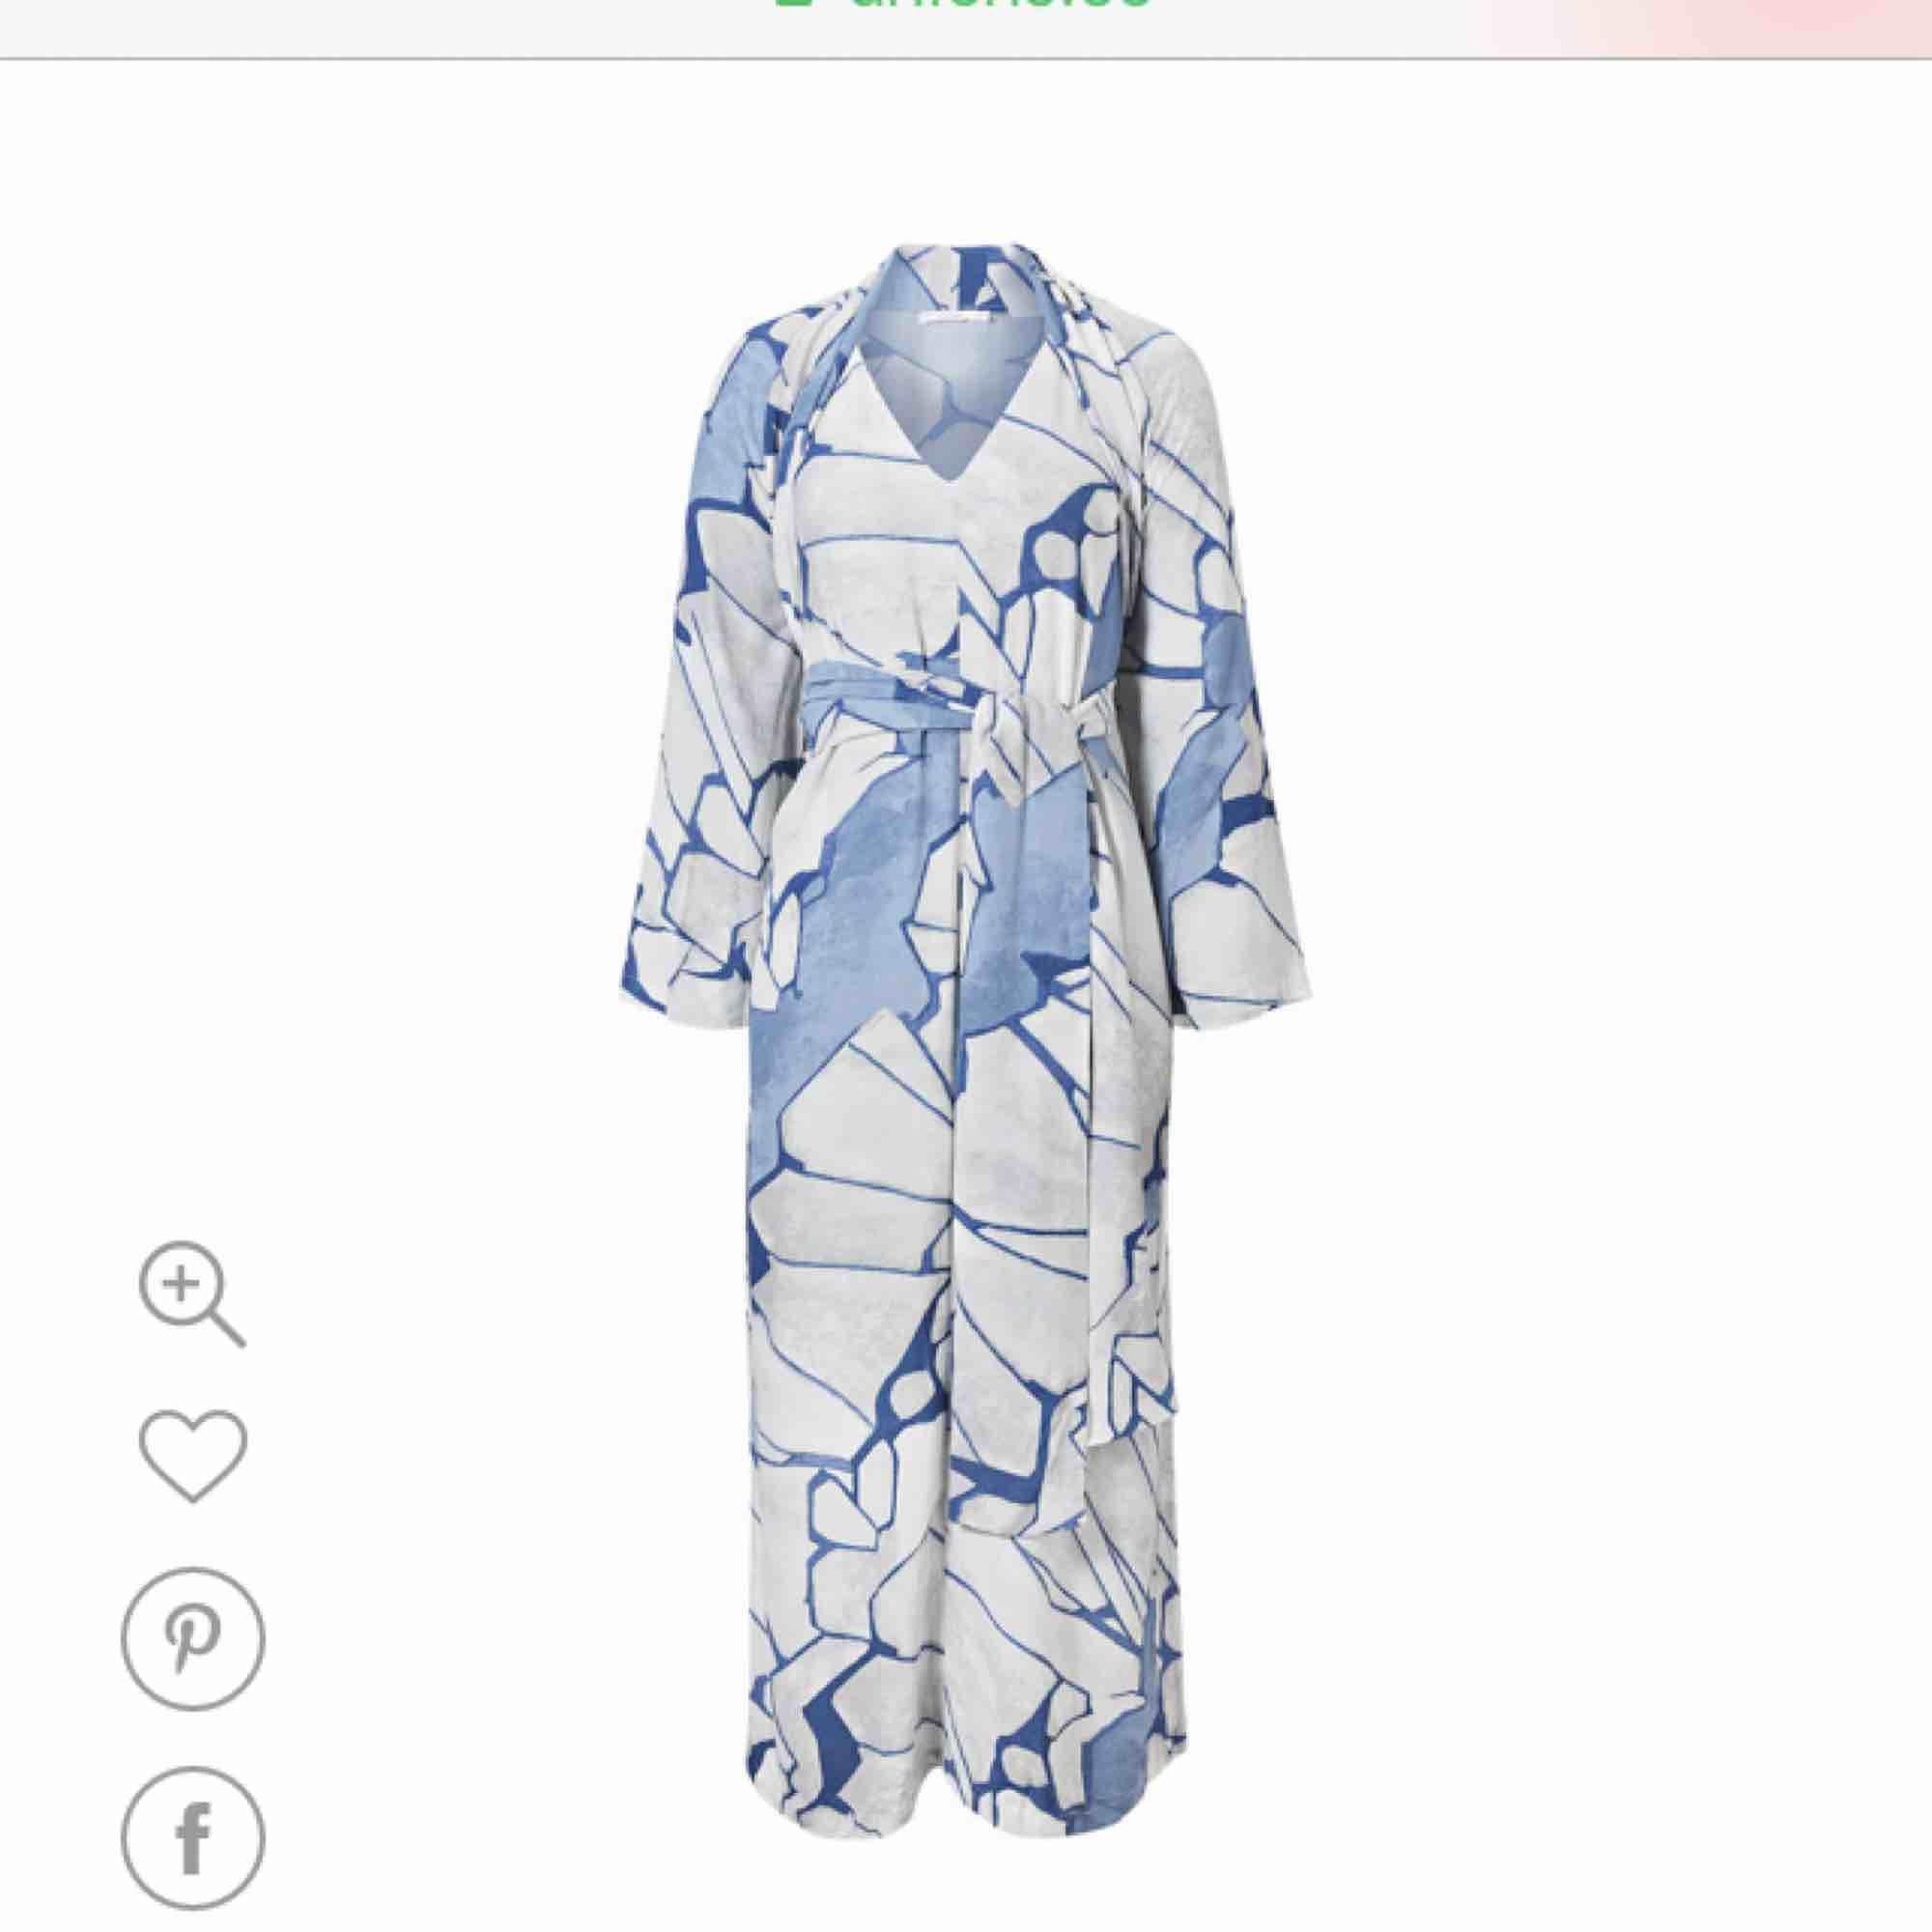 Kimonoklänning från Wera (Åhlens). Svår att fota, så snodde bilden från internet. . Klänningar.